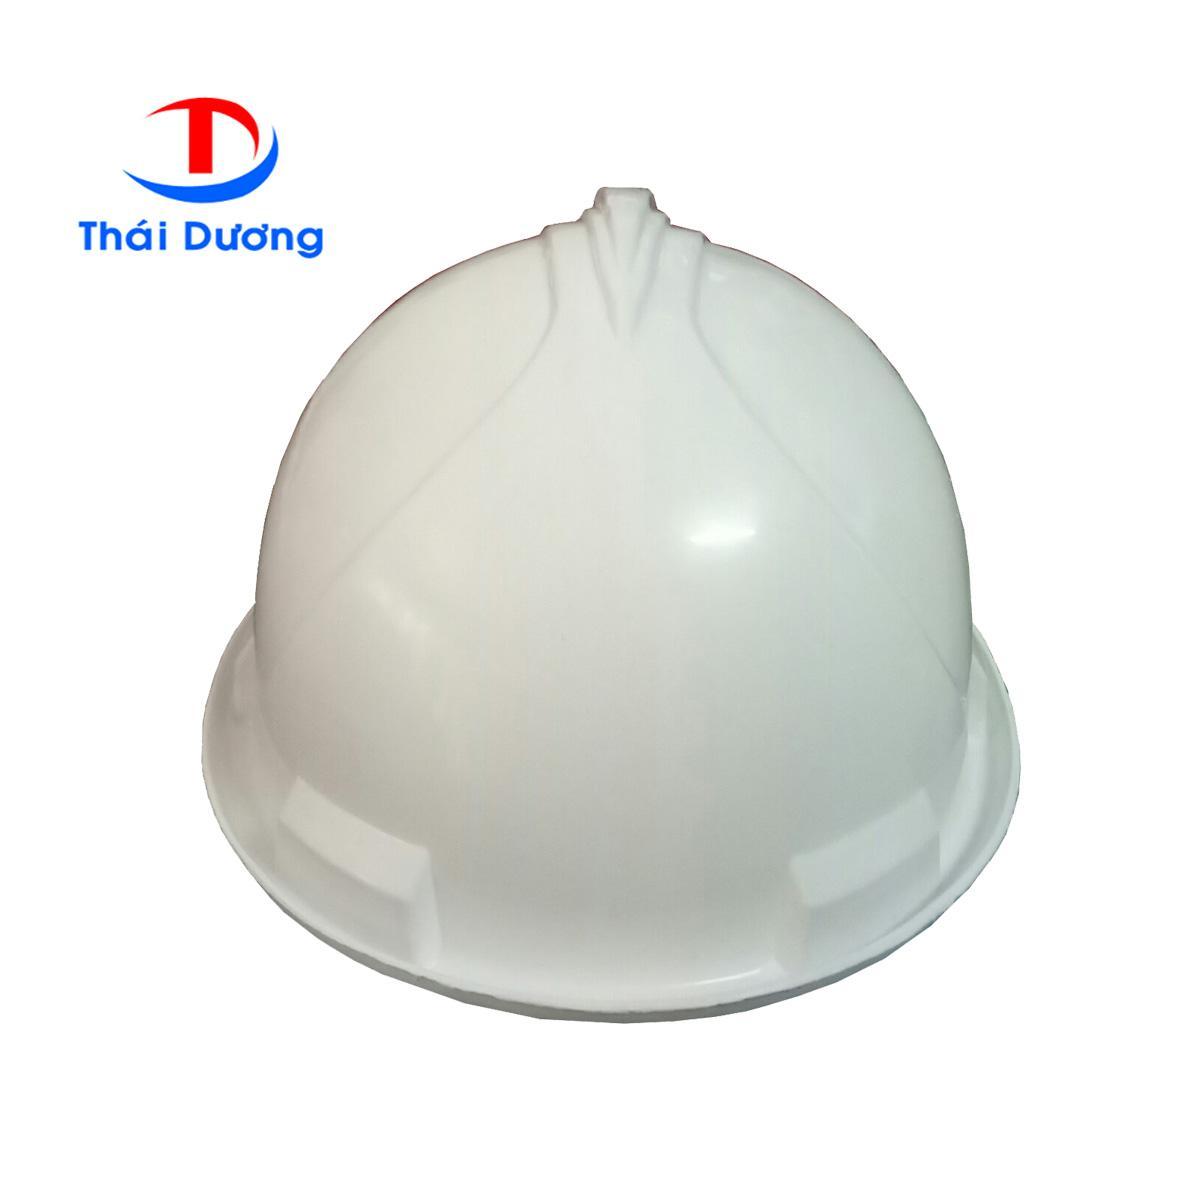 Mũ bảo hộ lao động trắng